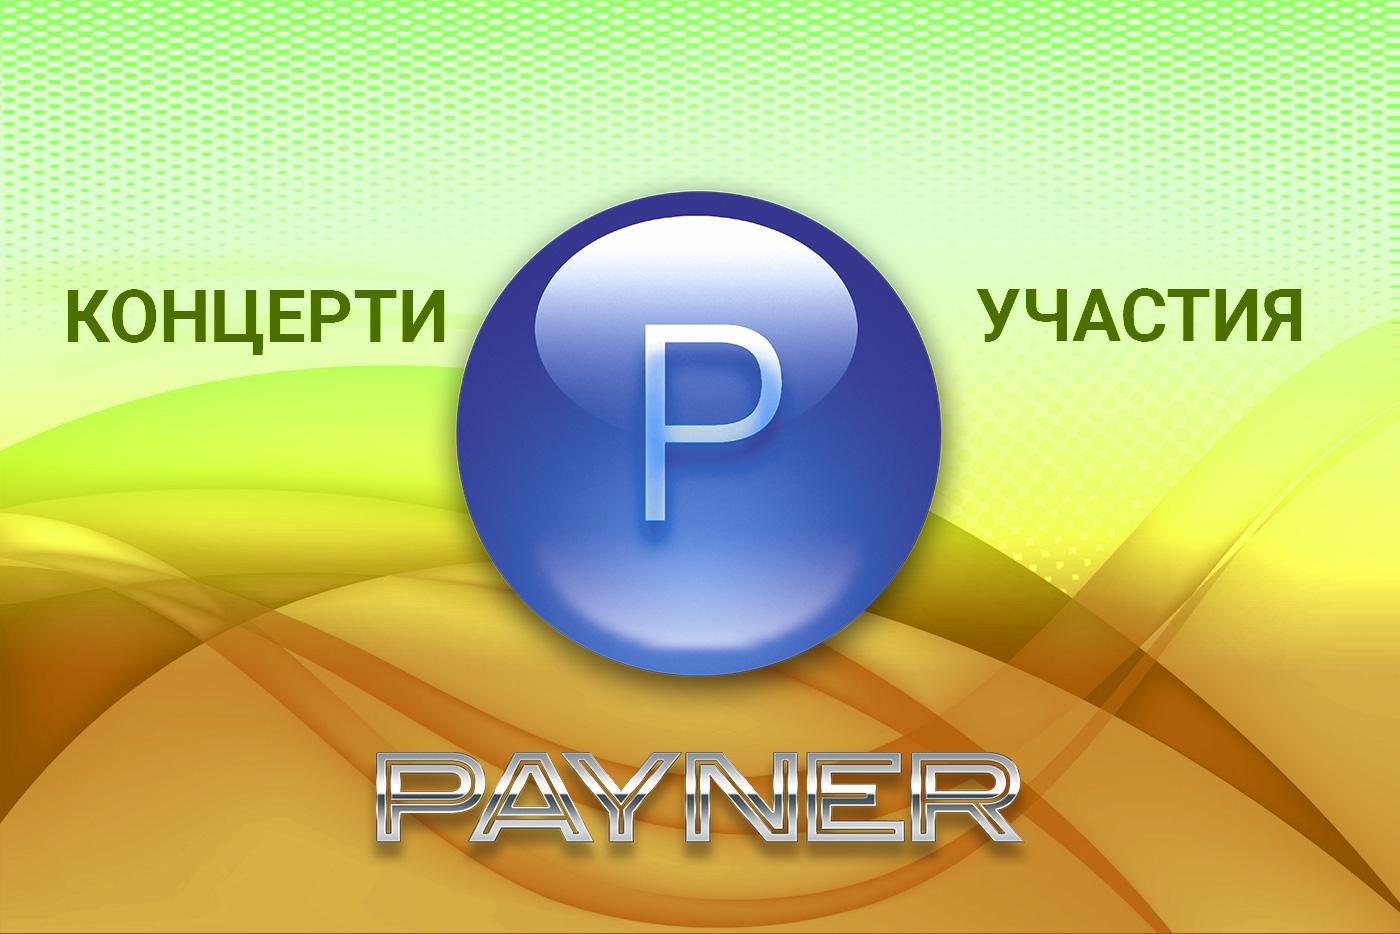 """Участия на звездите на """"Пайнер"""" на 21.10.2018"""